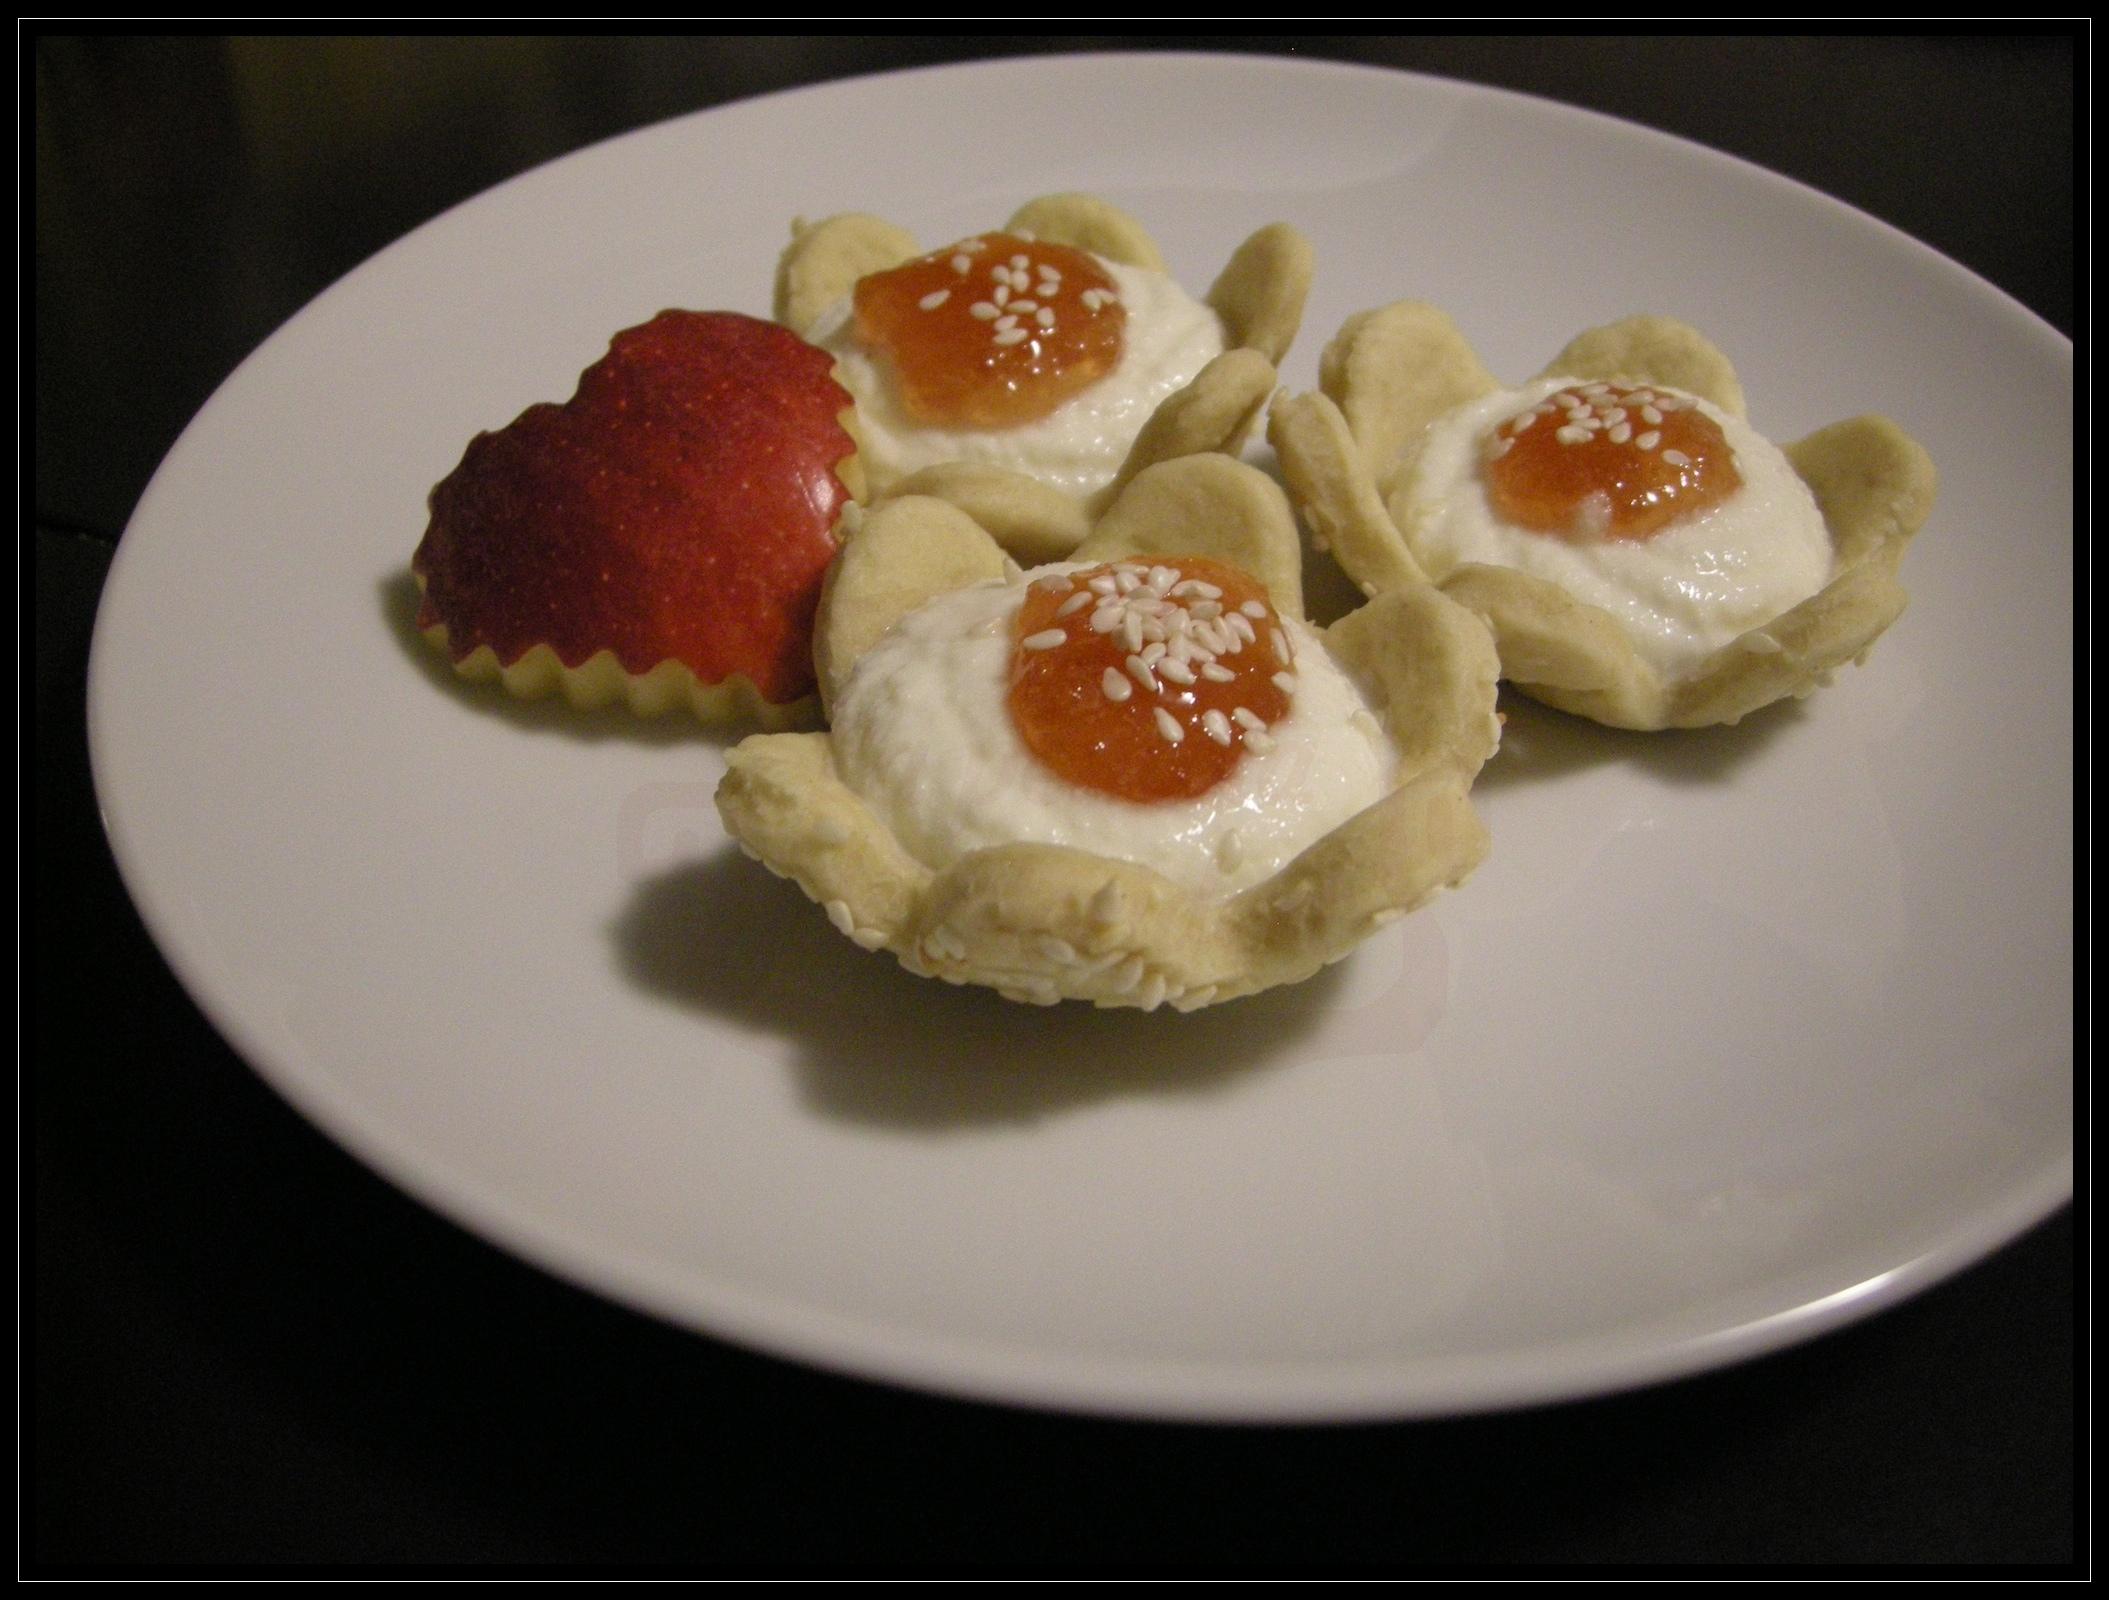 Tartelle di brisè all'olio d'oliva e sesamo con mousse di primo sale e confettura extra di mele gala